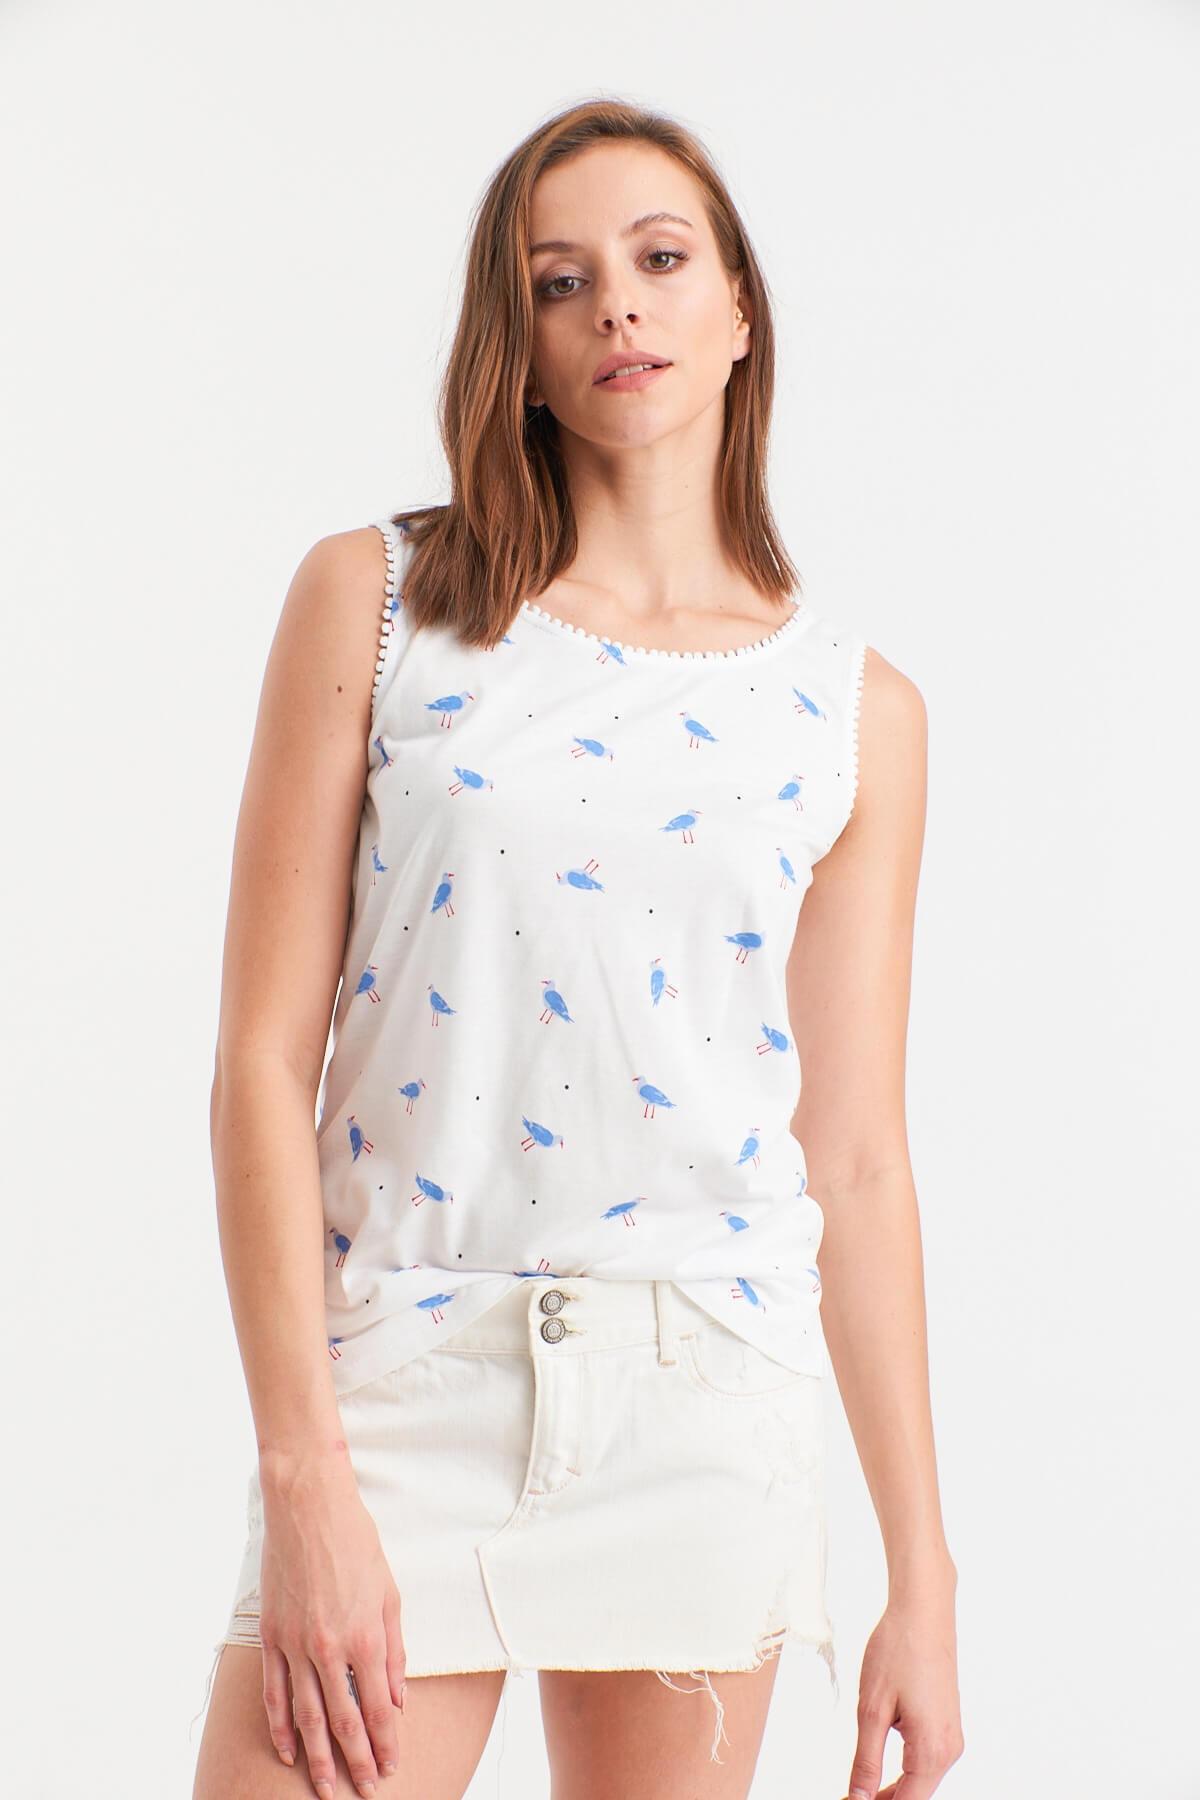 Hanna's by Hanna Darsa Kadın Beyaz Kuş Desenli Kolsuz Bluz 1